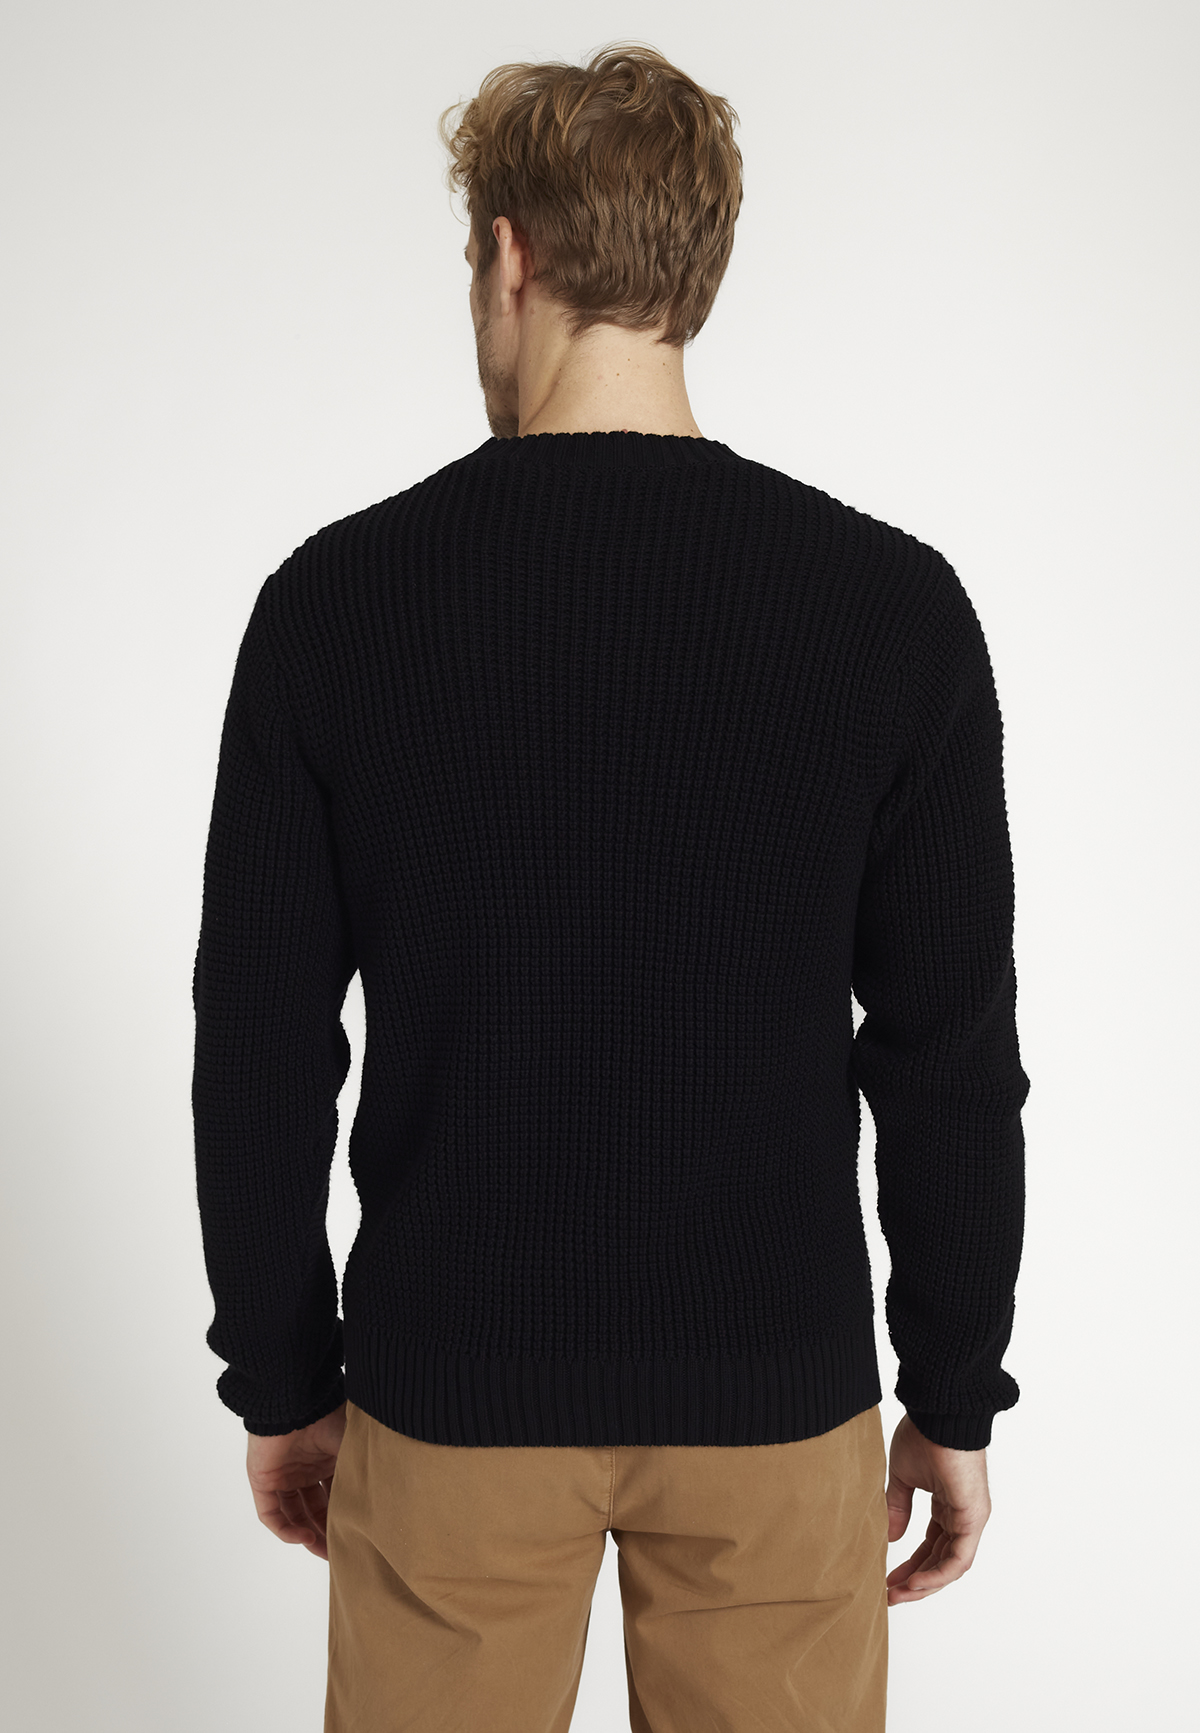 Herren-Strickpullover SAFFRON black